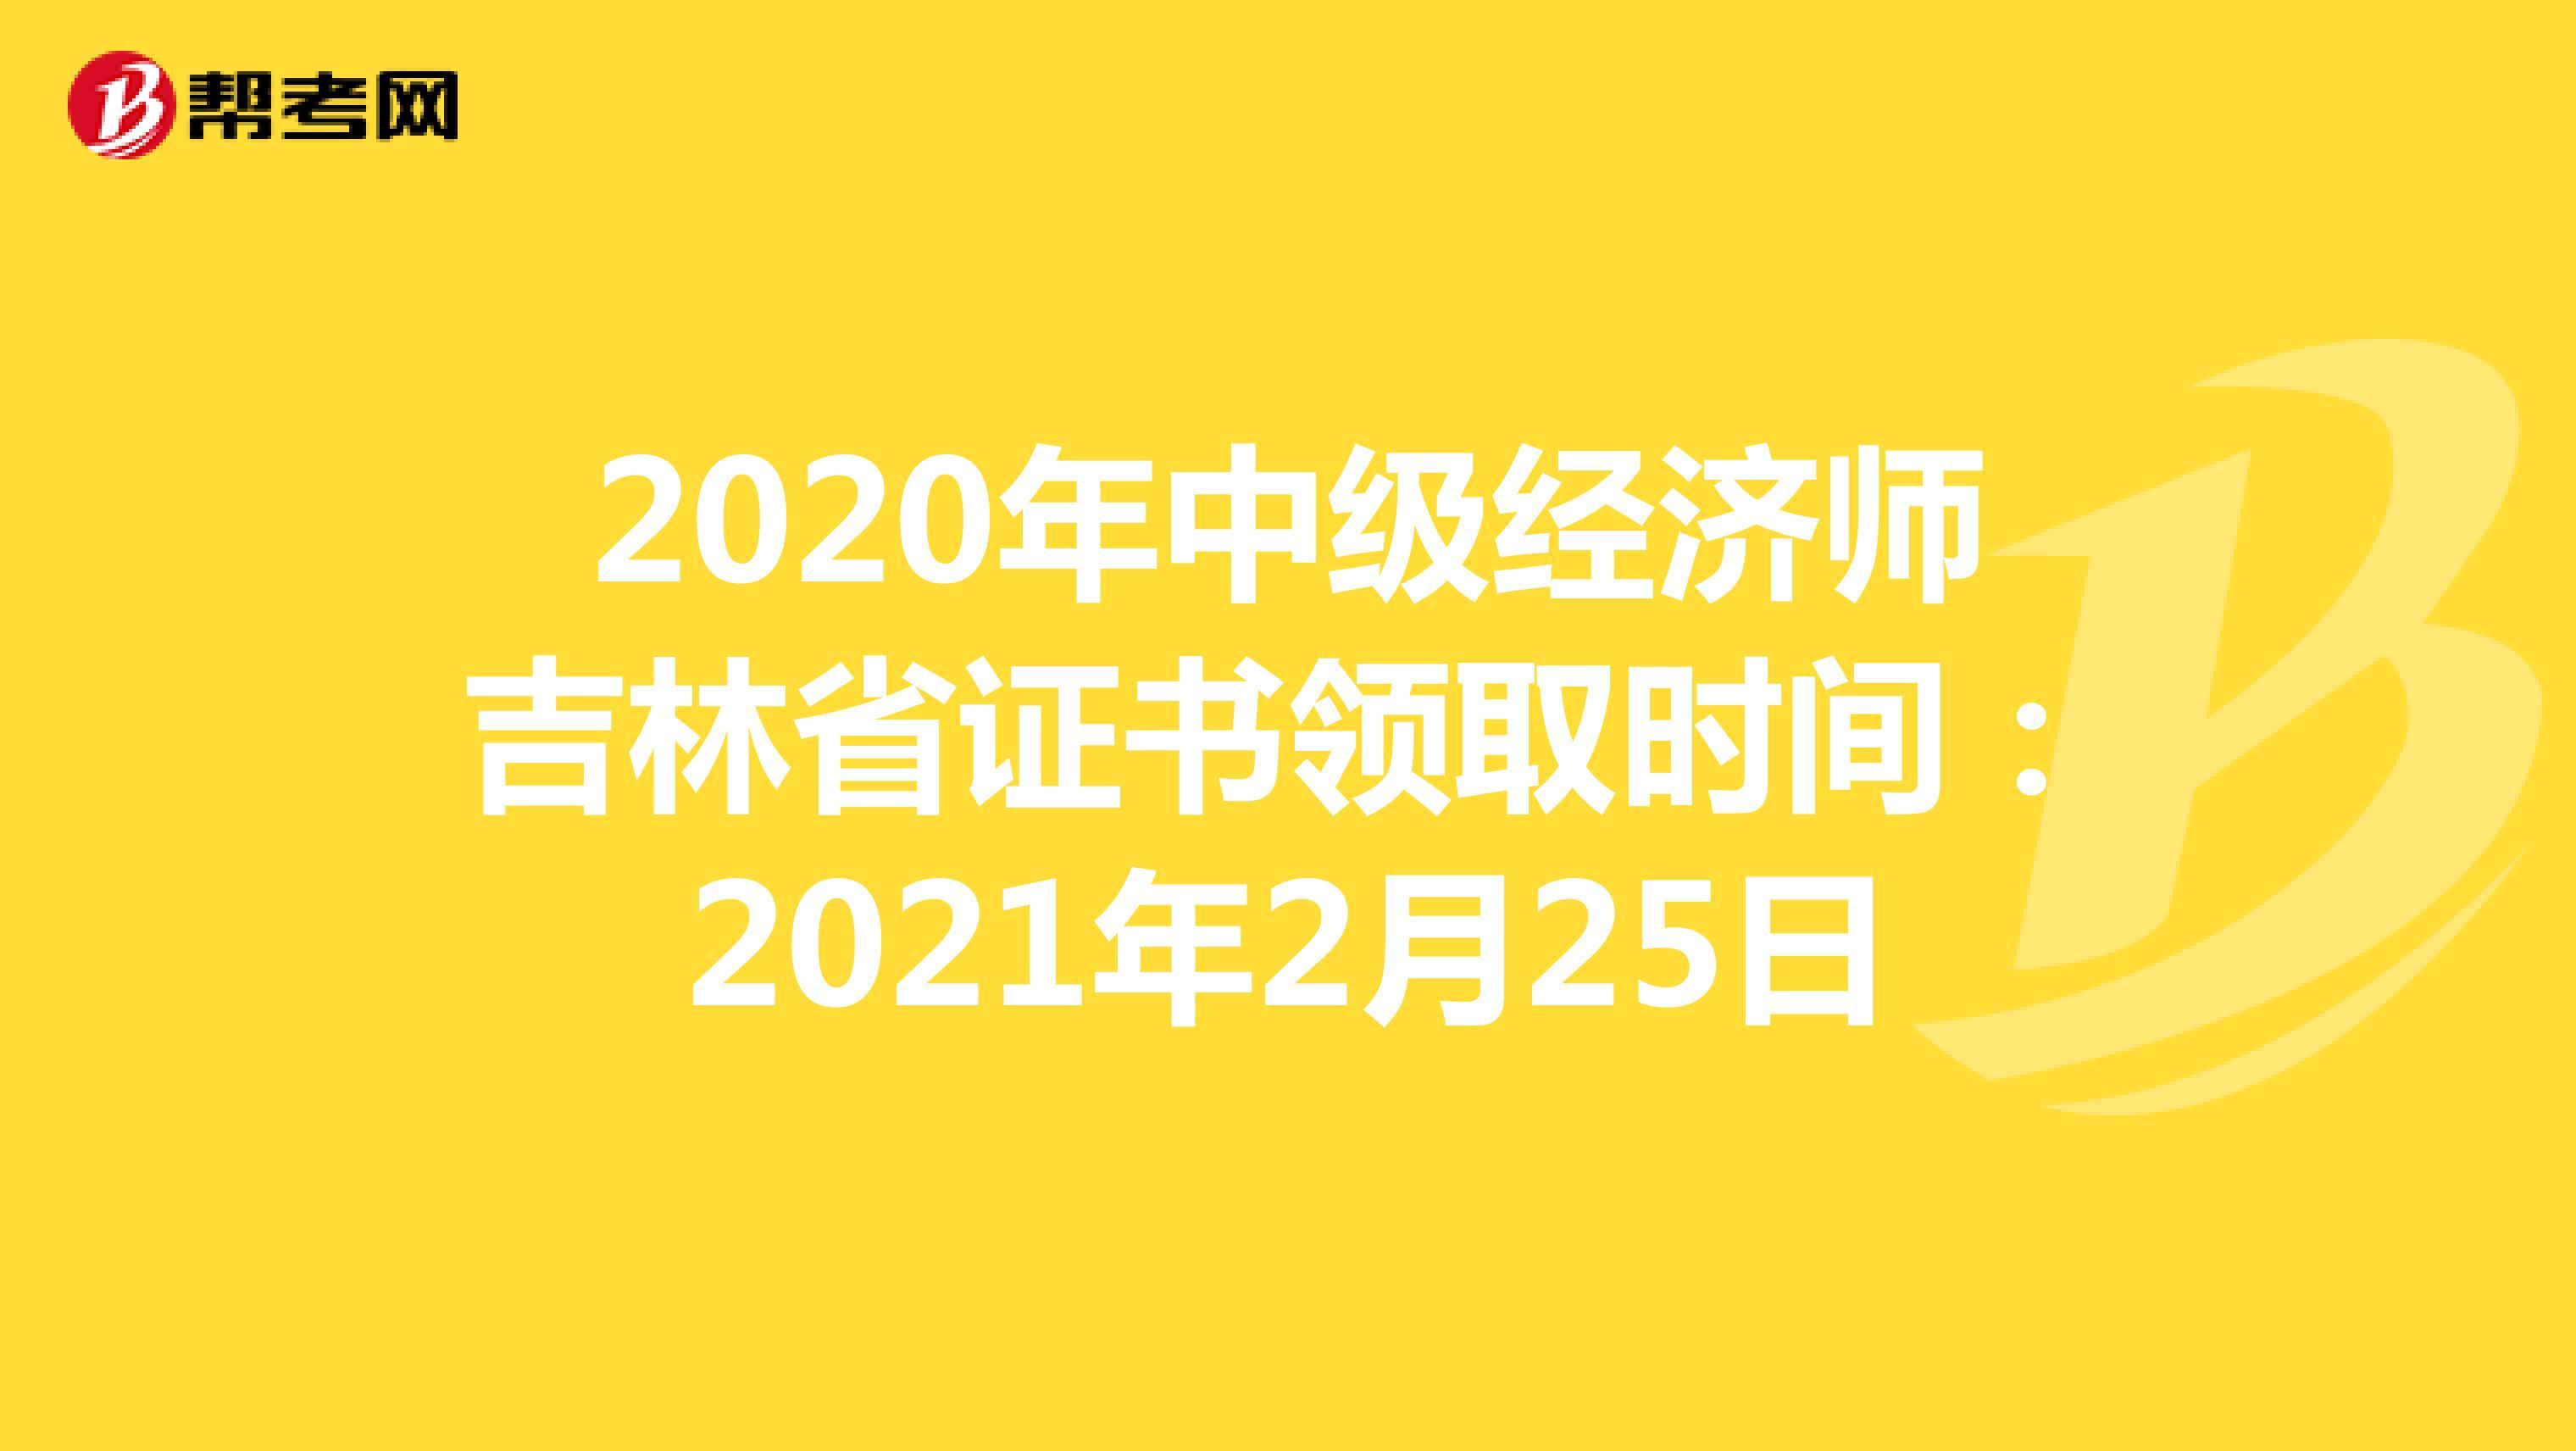 2020年中级经济师吉林省证书领取时间:2021年2月25日